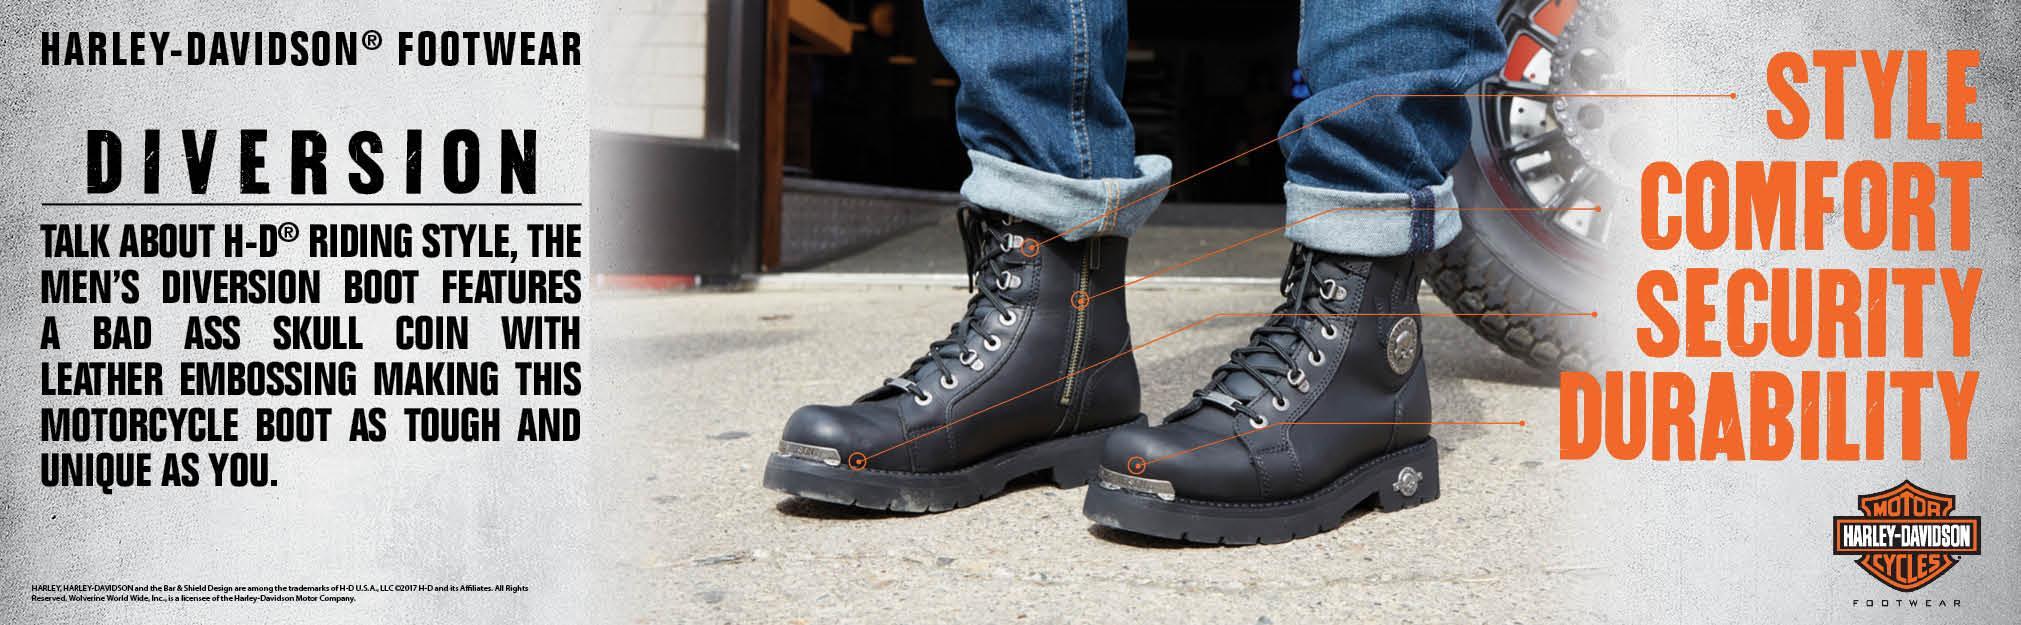 9d05c7a13e1 Harley-Davidson Men's Diversion Boot